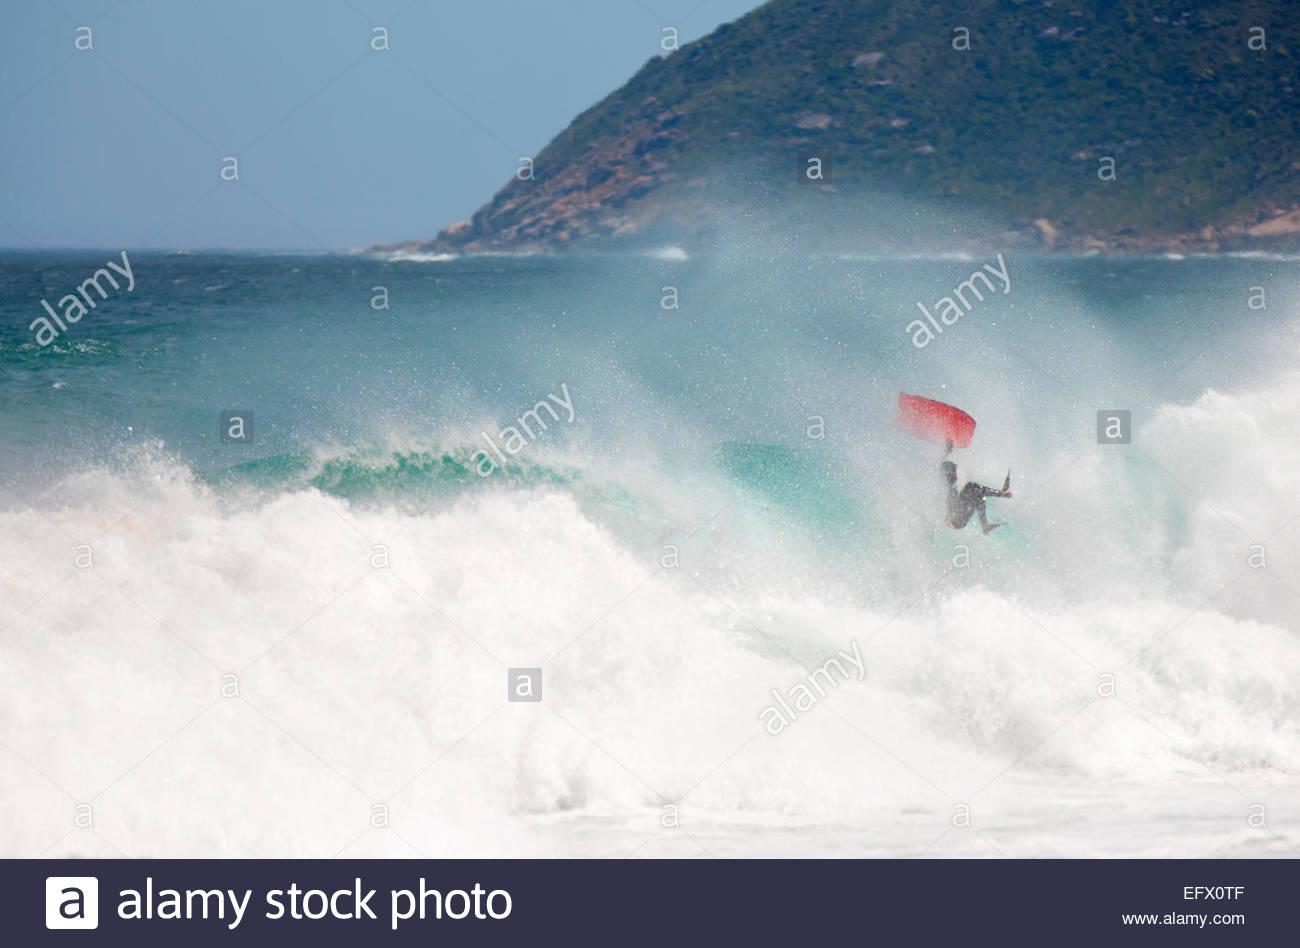 Surfer, die herunterfallen Bodyboard auf Welle Stockbild